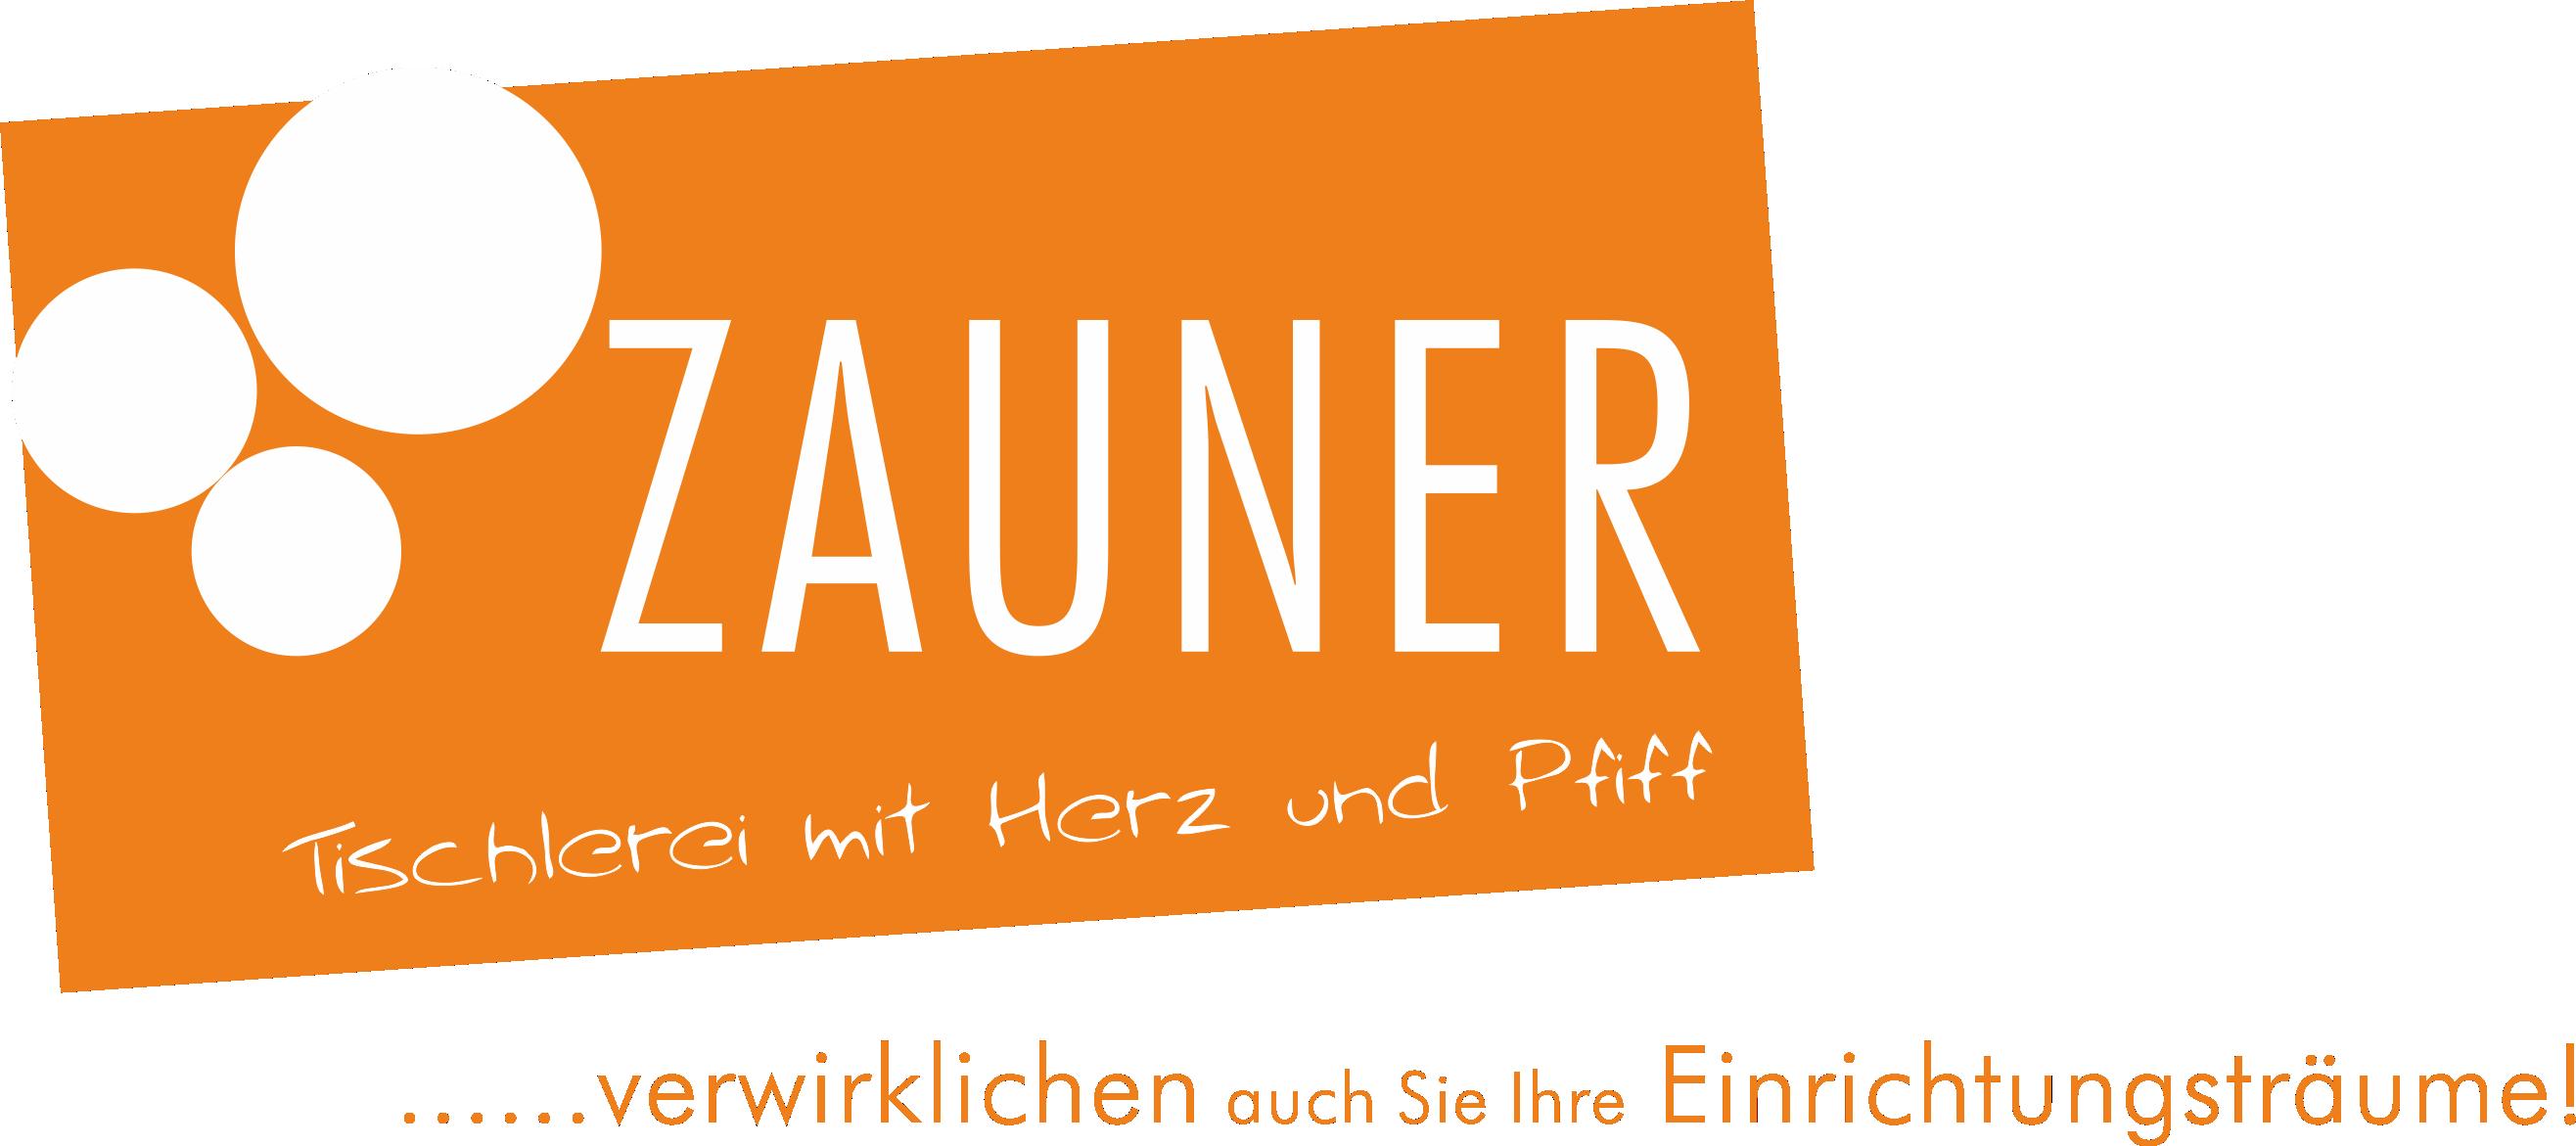 Tischlerei Zauner | 02743 34 05 | 0660 351 71 71 | office@tischlereizauner.at